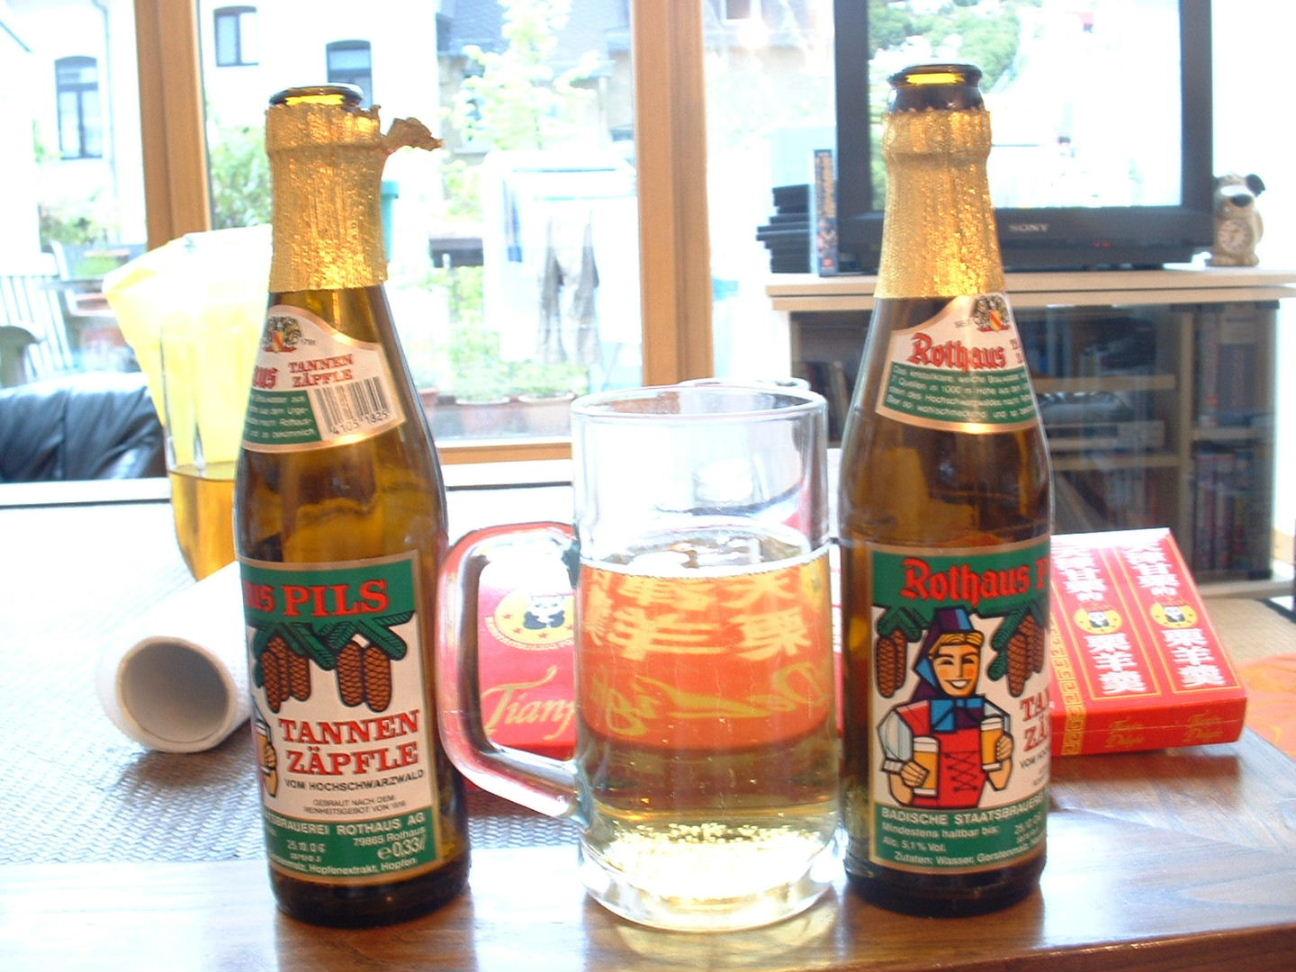 T家のビール